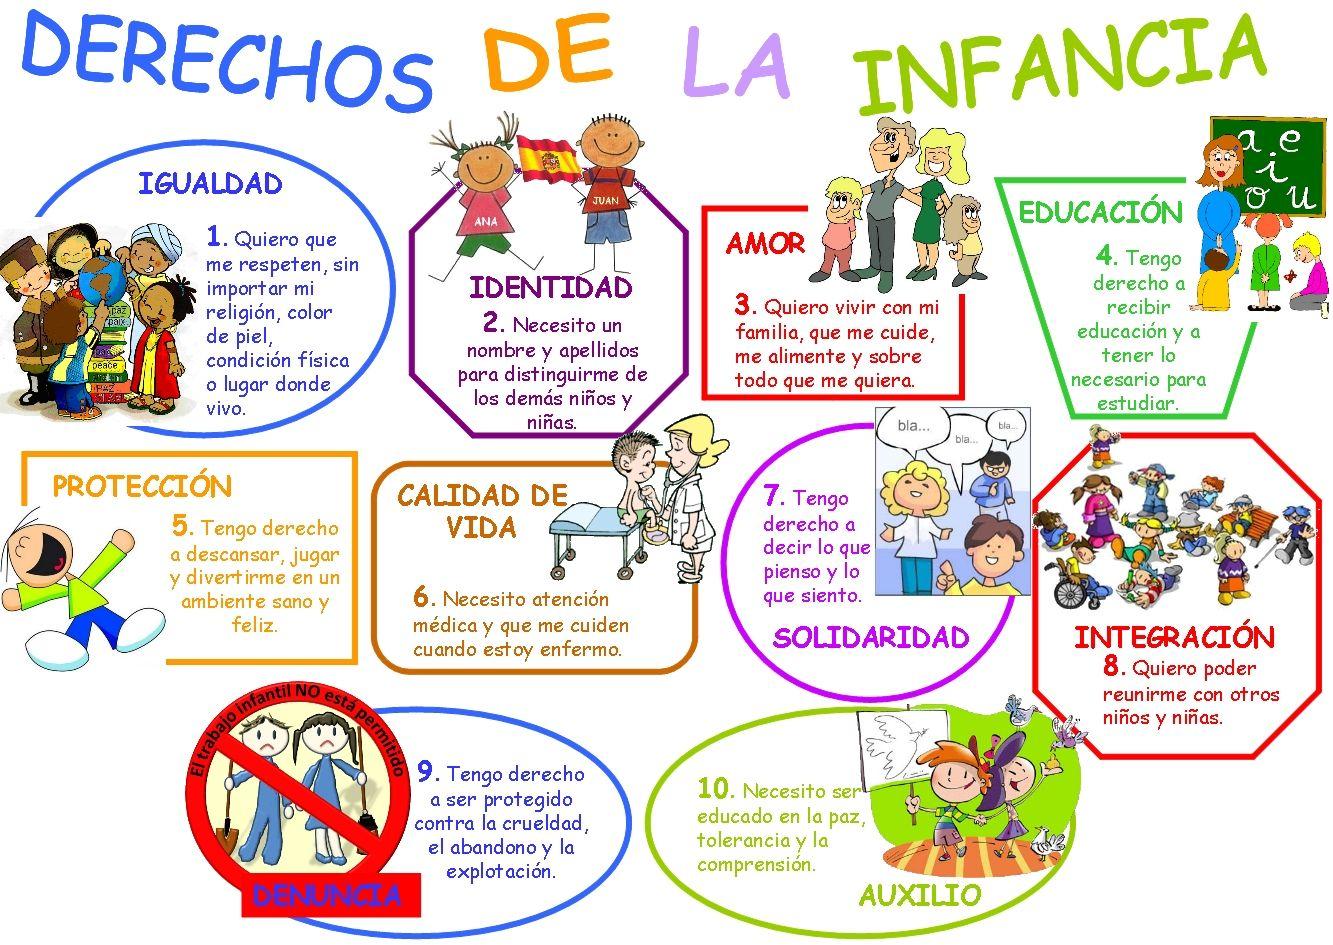 Los Derechos De Las Ninas Y Los Ninos Poster Para Clase Deberes De Los Ninos Derechos De Los Ninos Imagenes De Los Derechos